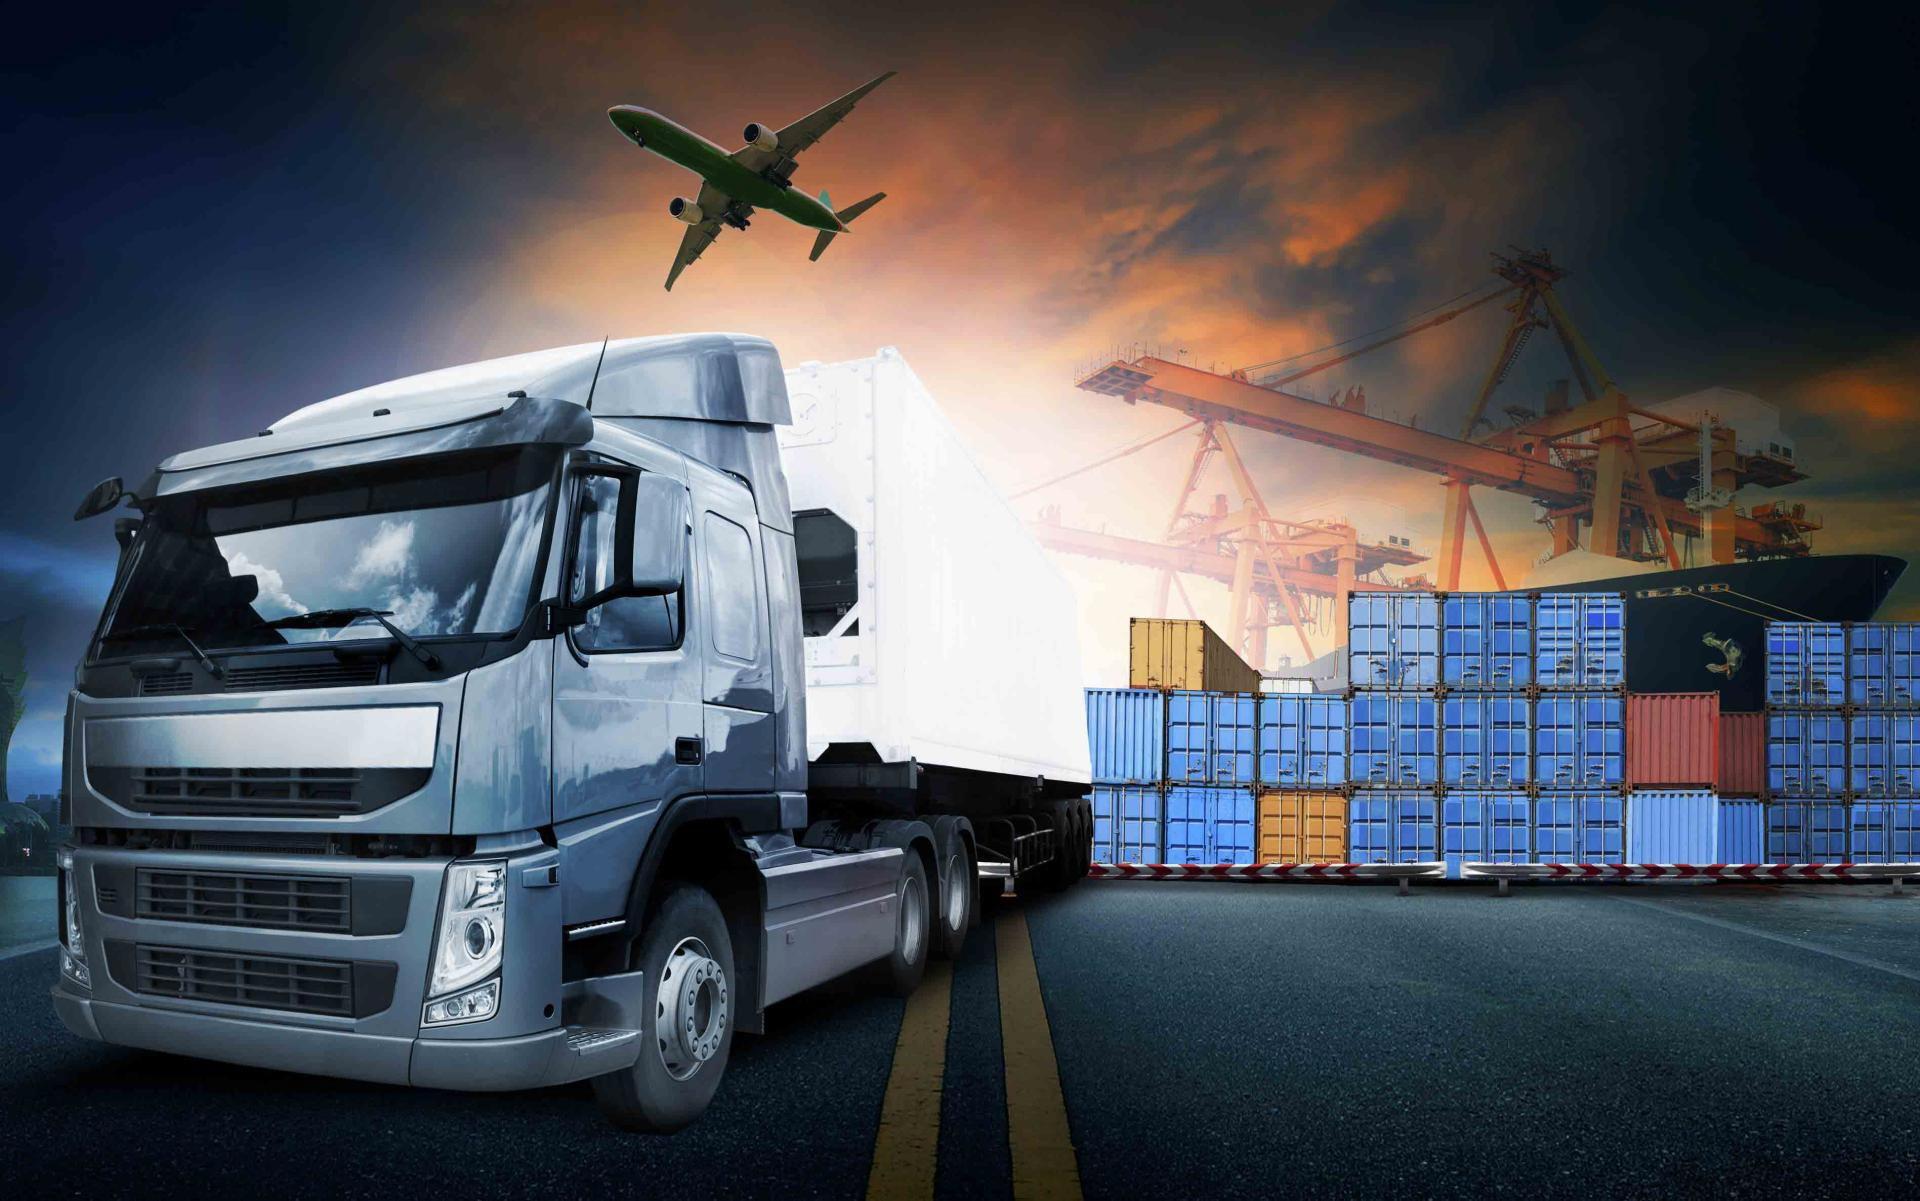 1С:Логистика: Управление перевозками и складом